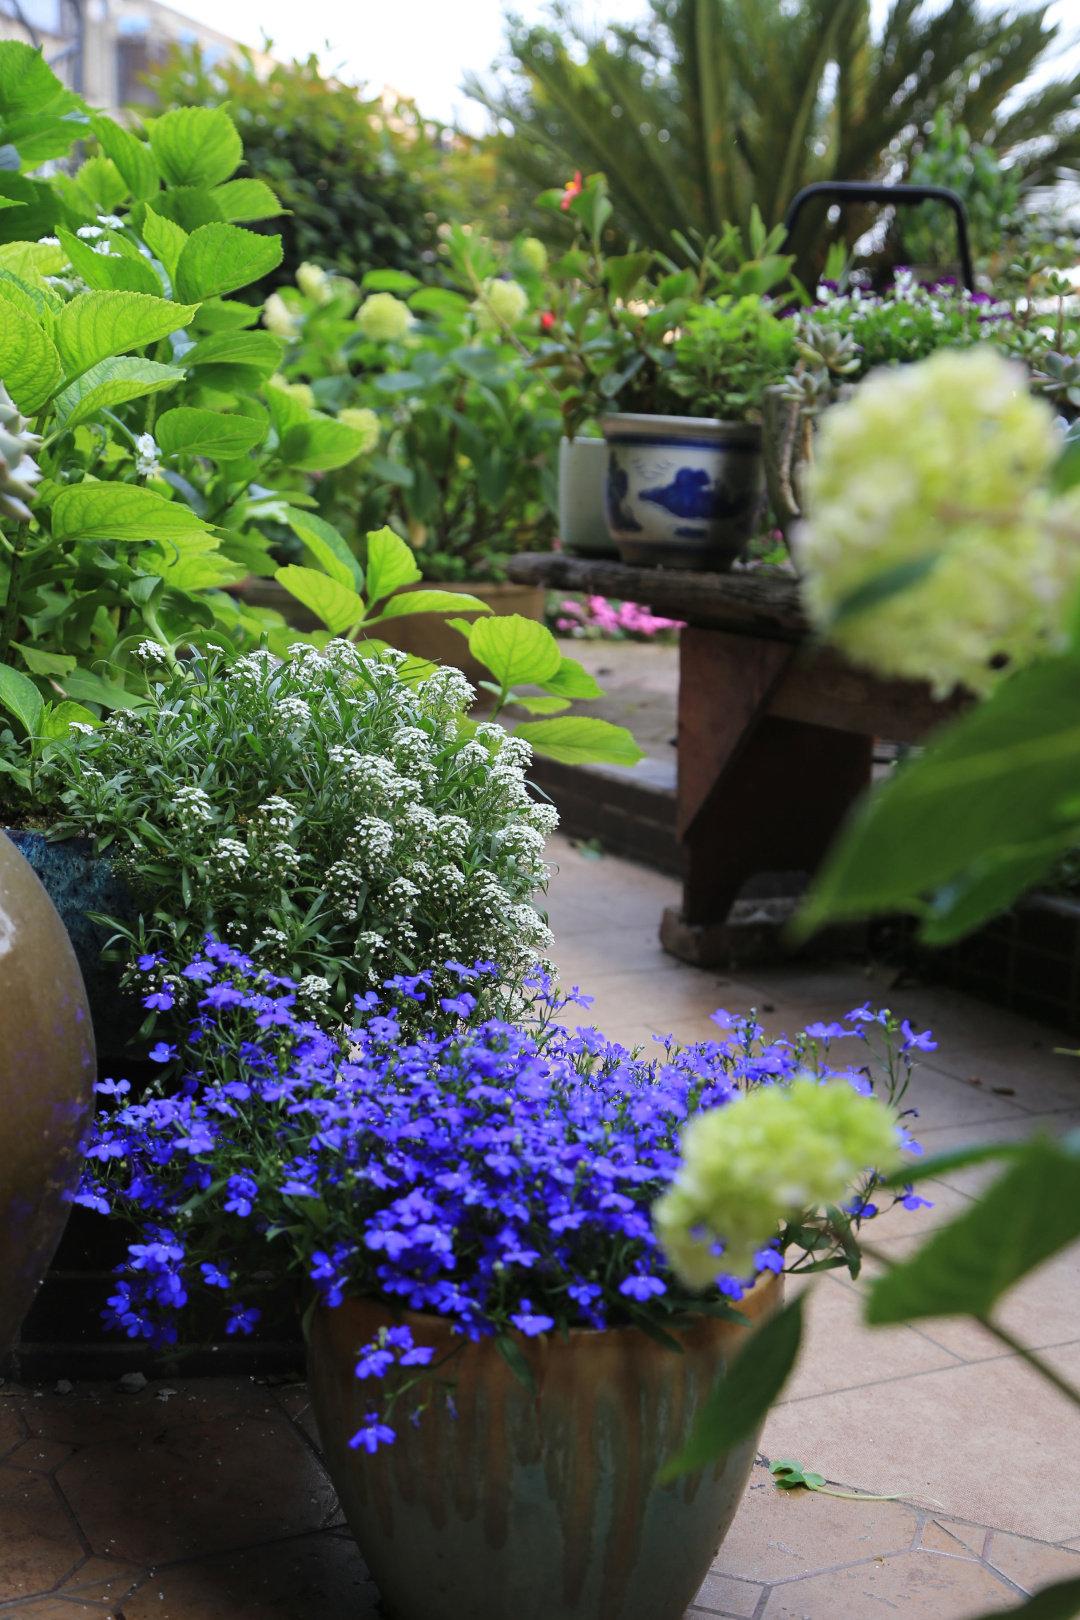 """Khu vườn quanh năm chỉ có """"mùa xuân"""" ở lại của cô giáo dạy Toán xinh đẹp - Ảnh 7."""